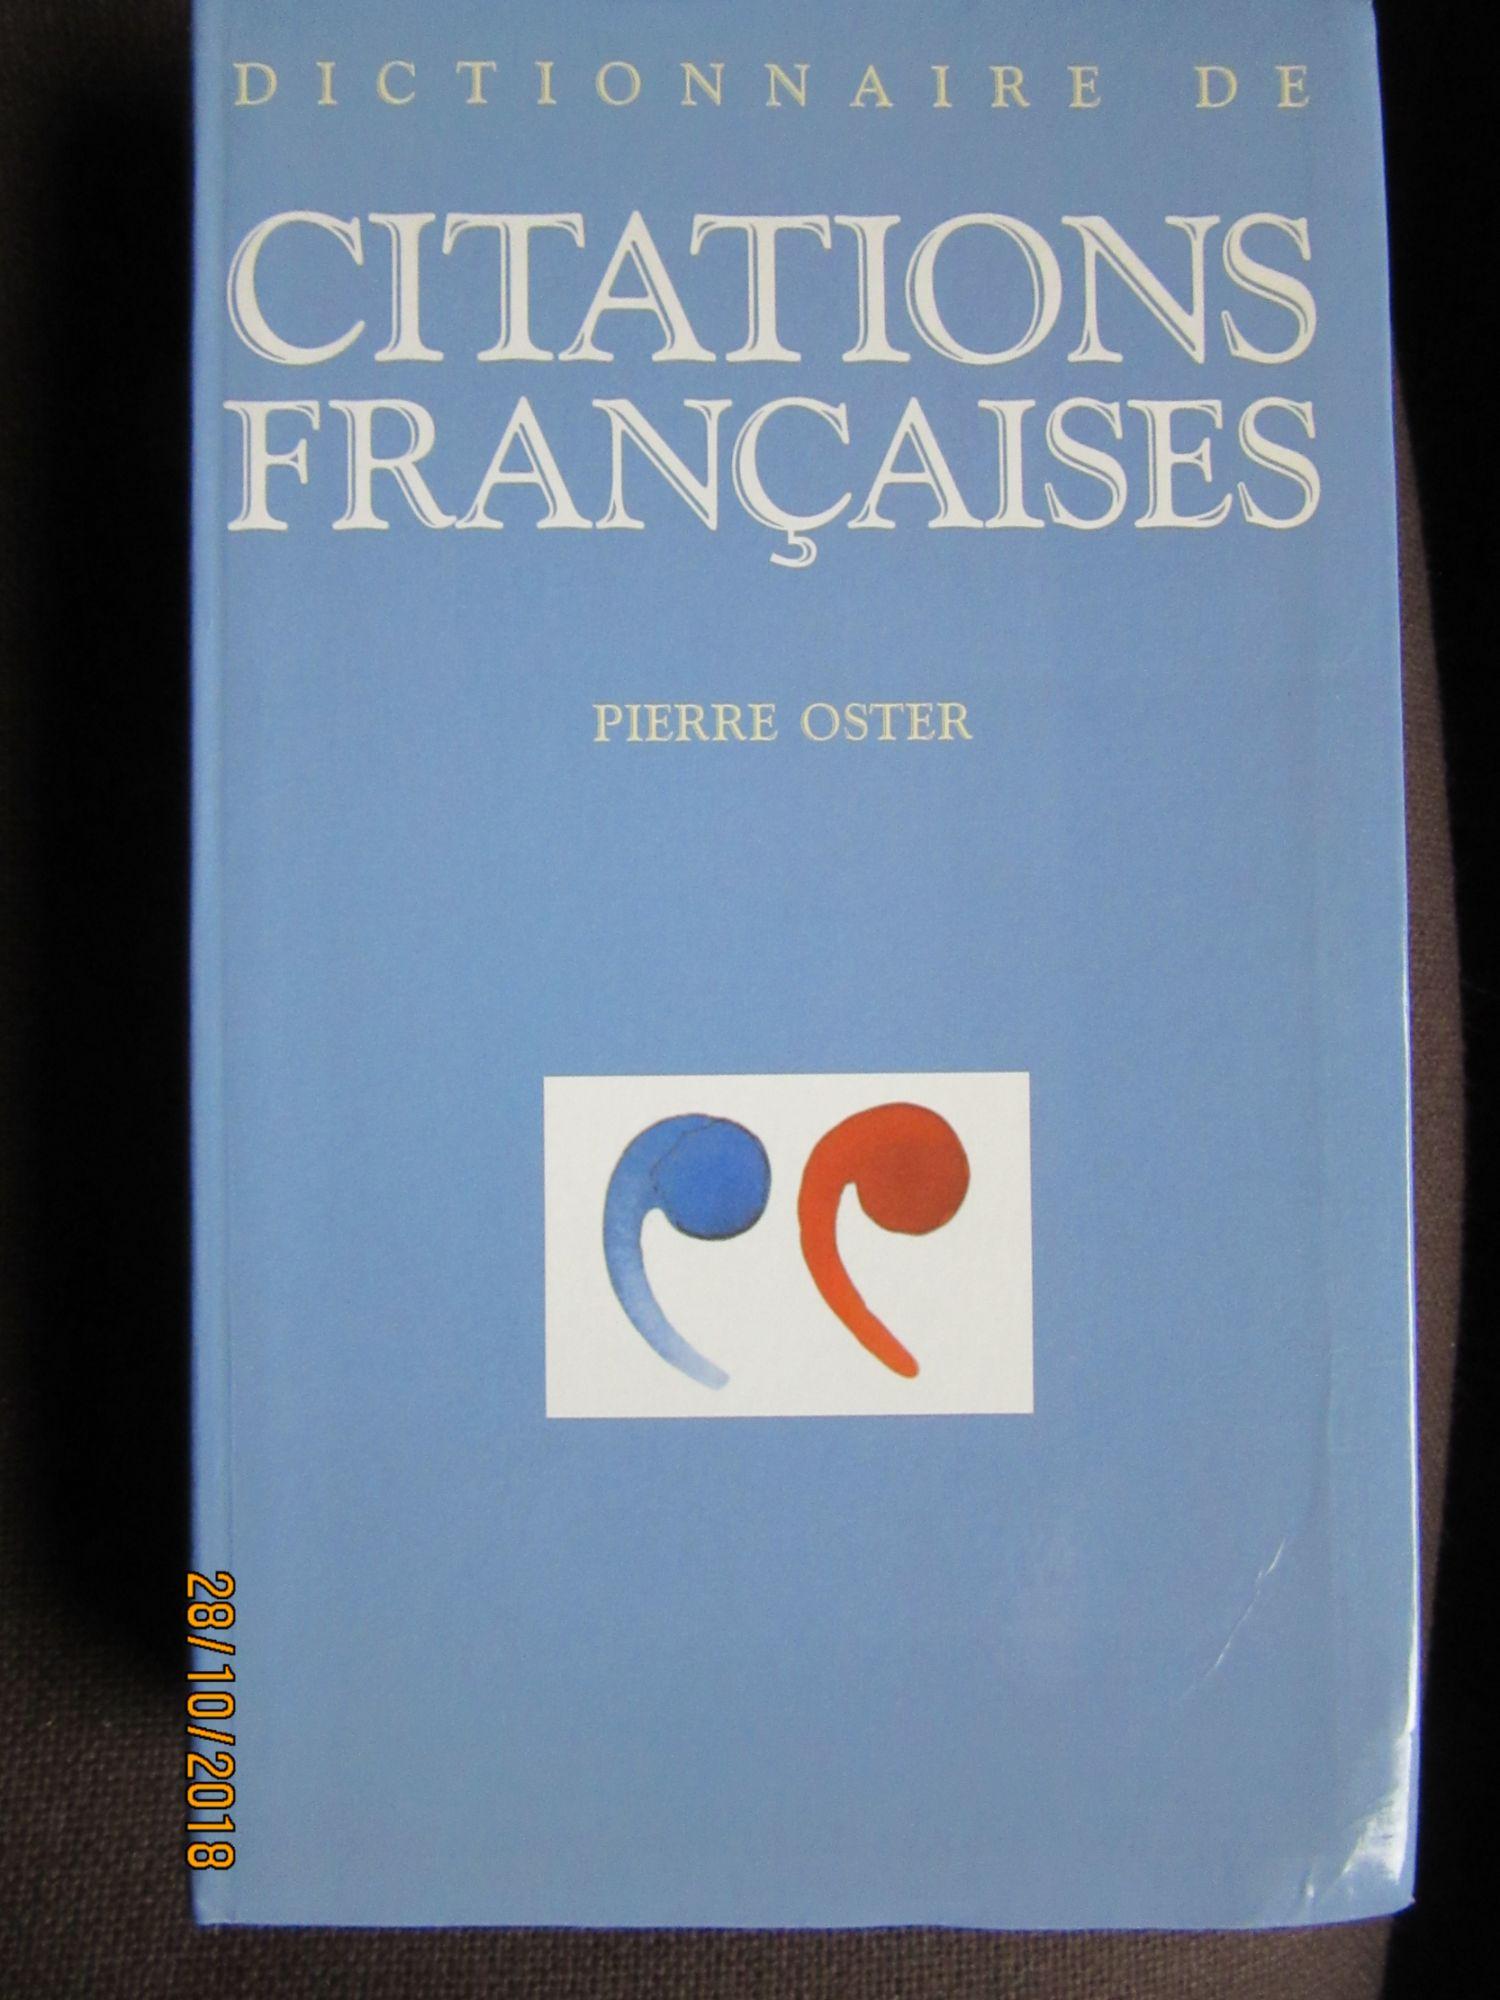 Dictionnaire de citations françaises - Le Grand livre du mois - 01/01/1997